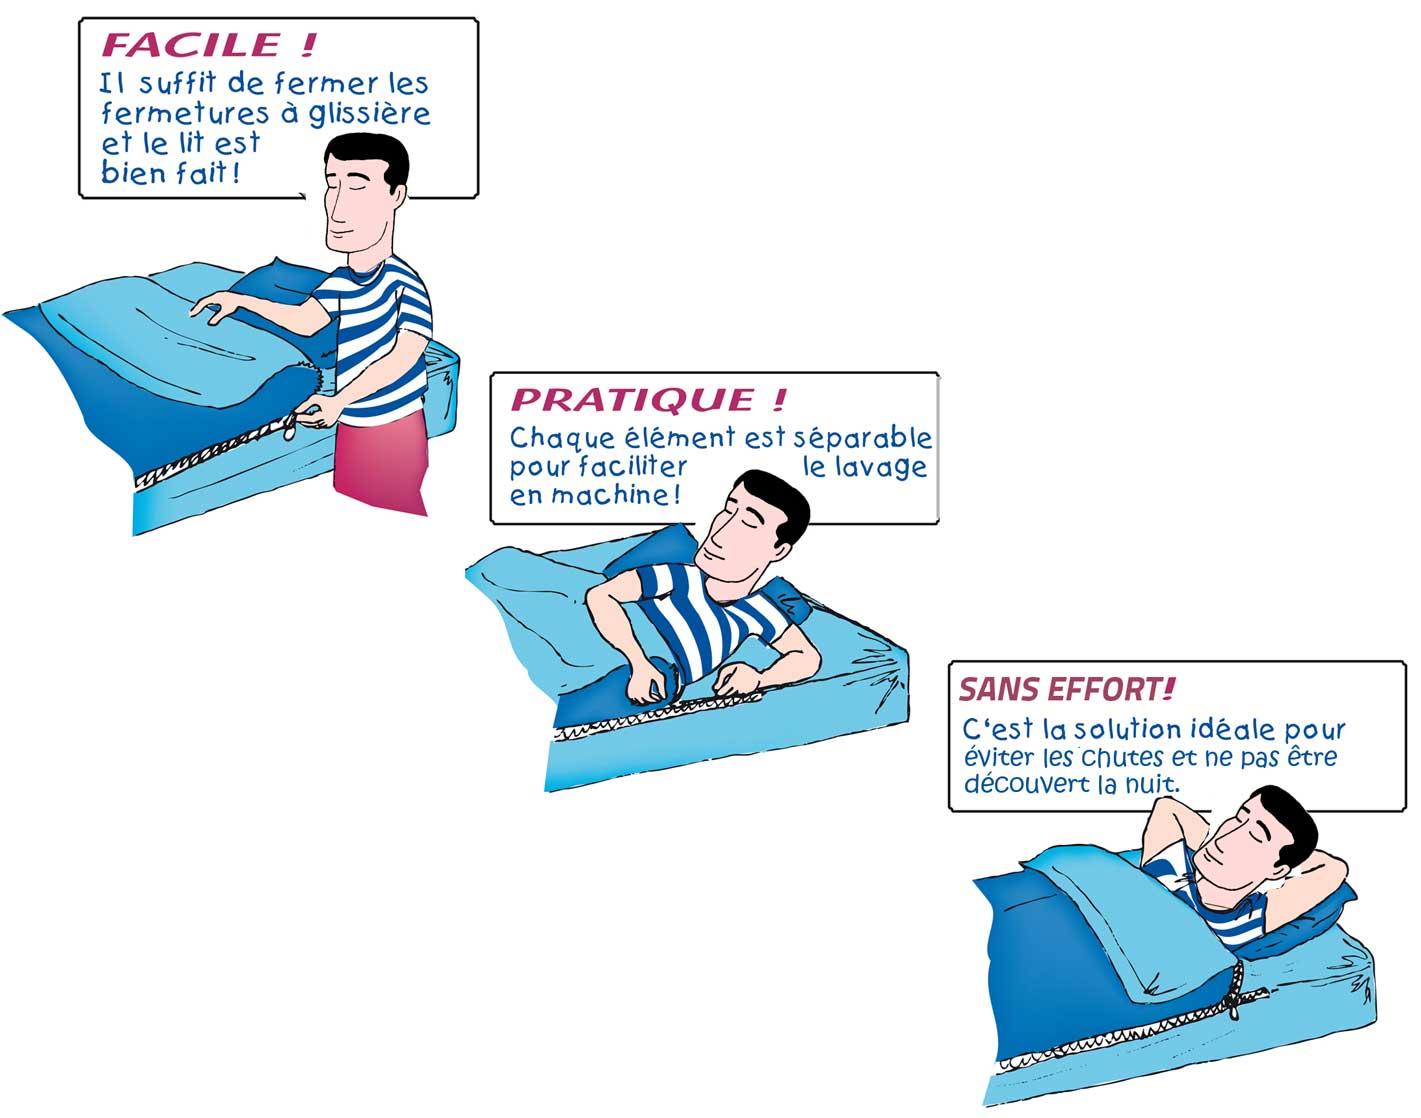 Nouveaut caradou couchage pour 2 personnes les - Comment positionner son lit pour bien dormir ...